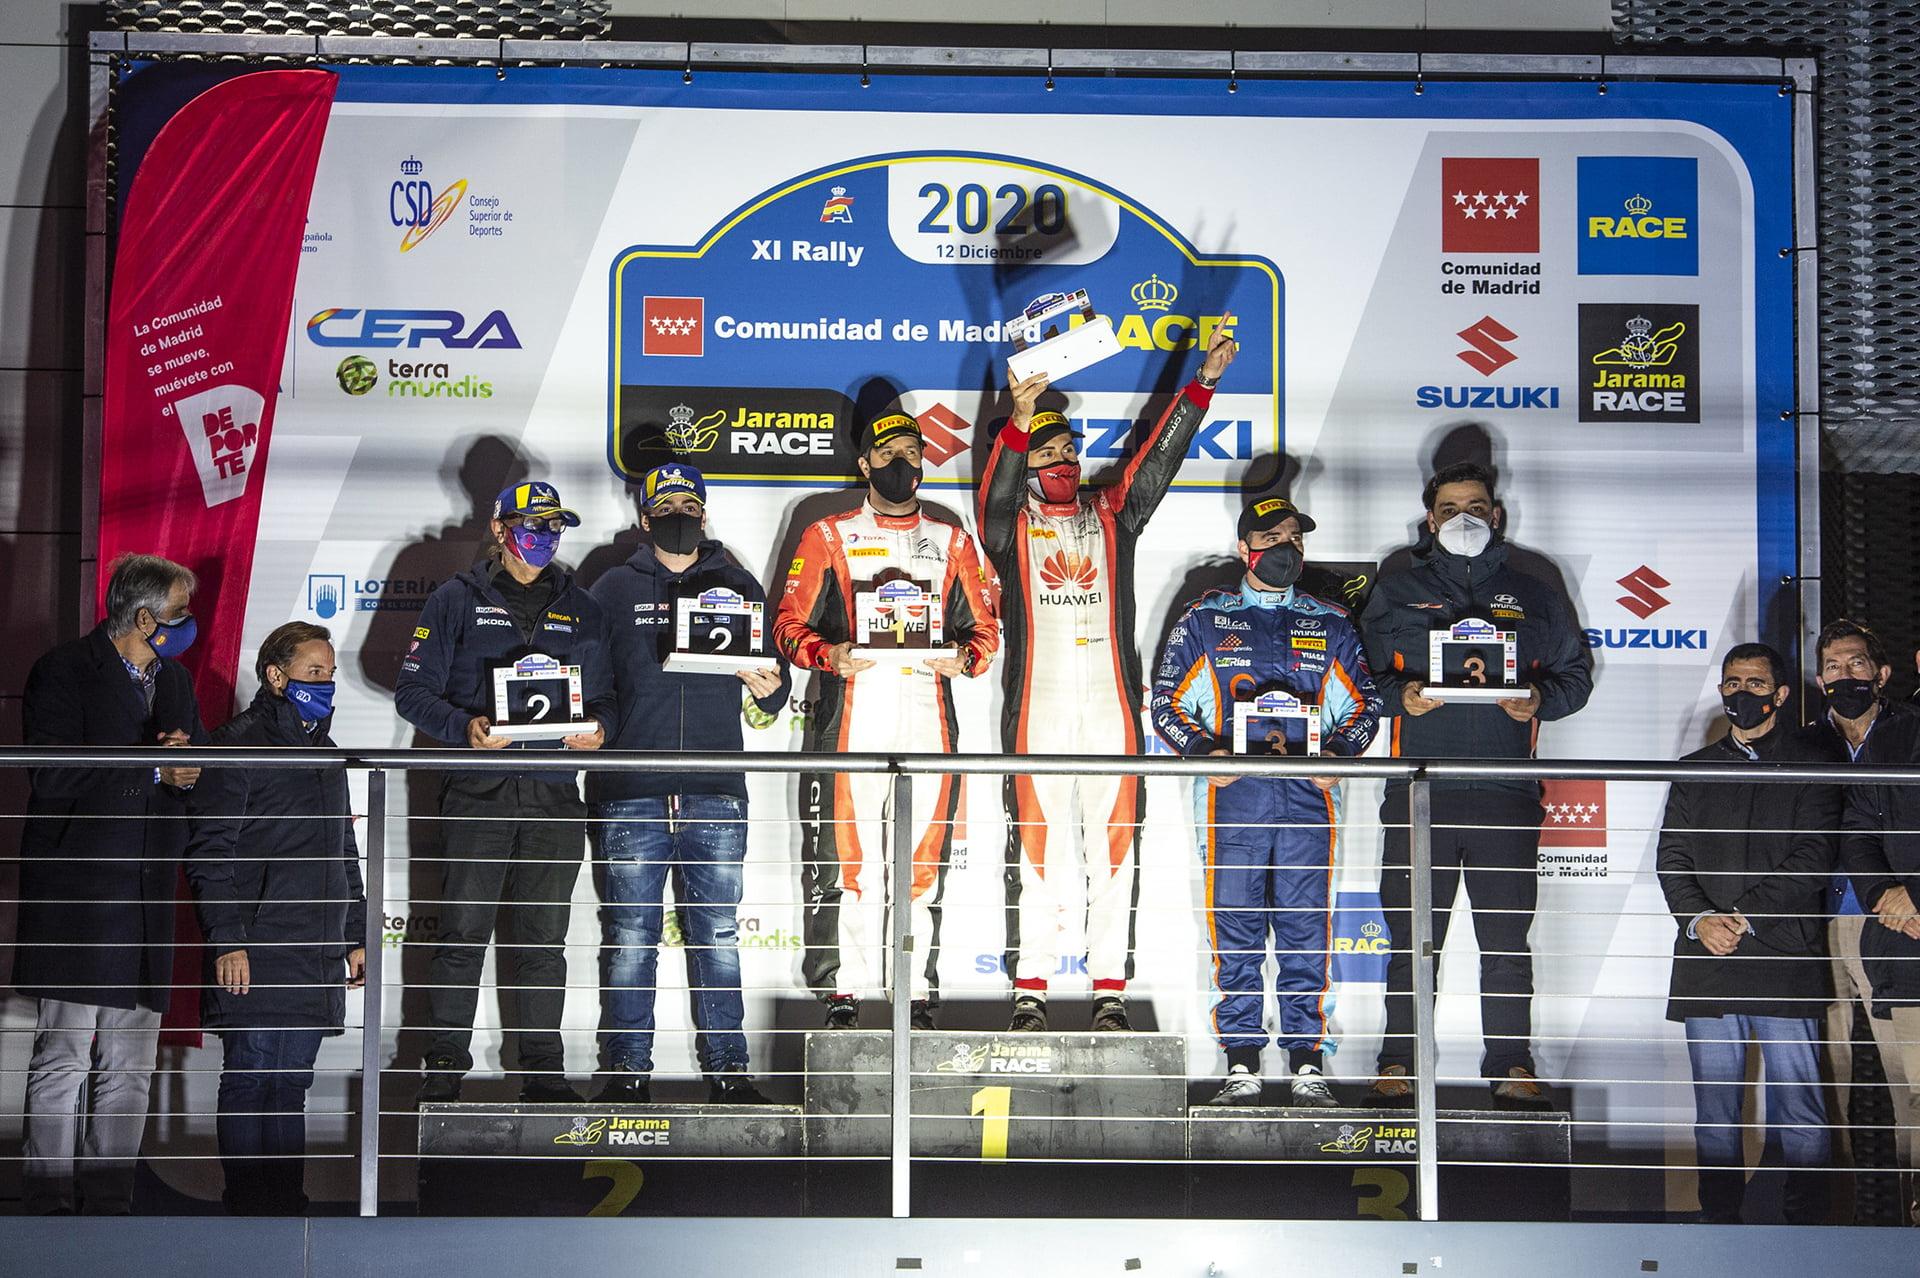 El Rallye-RACE 2020 puso un gran final a la temporada del CERA.